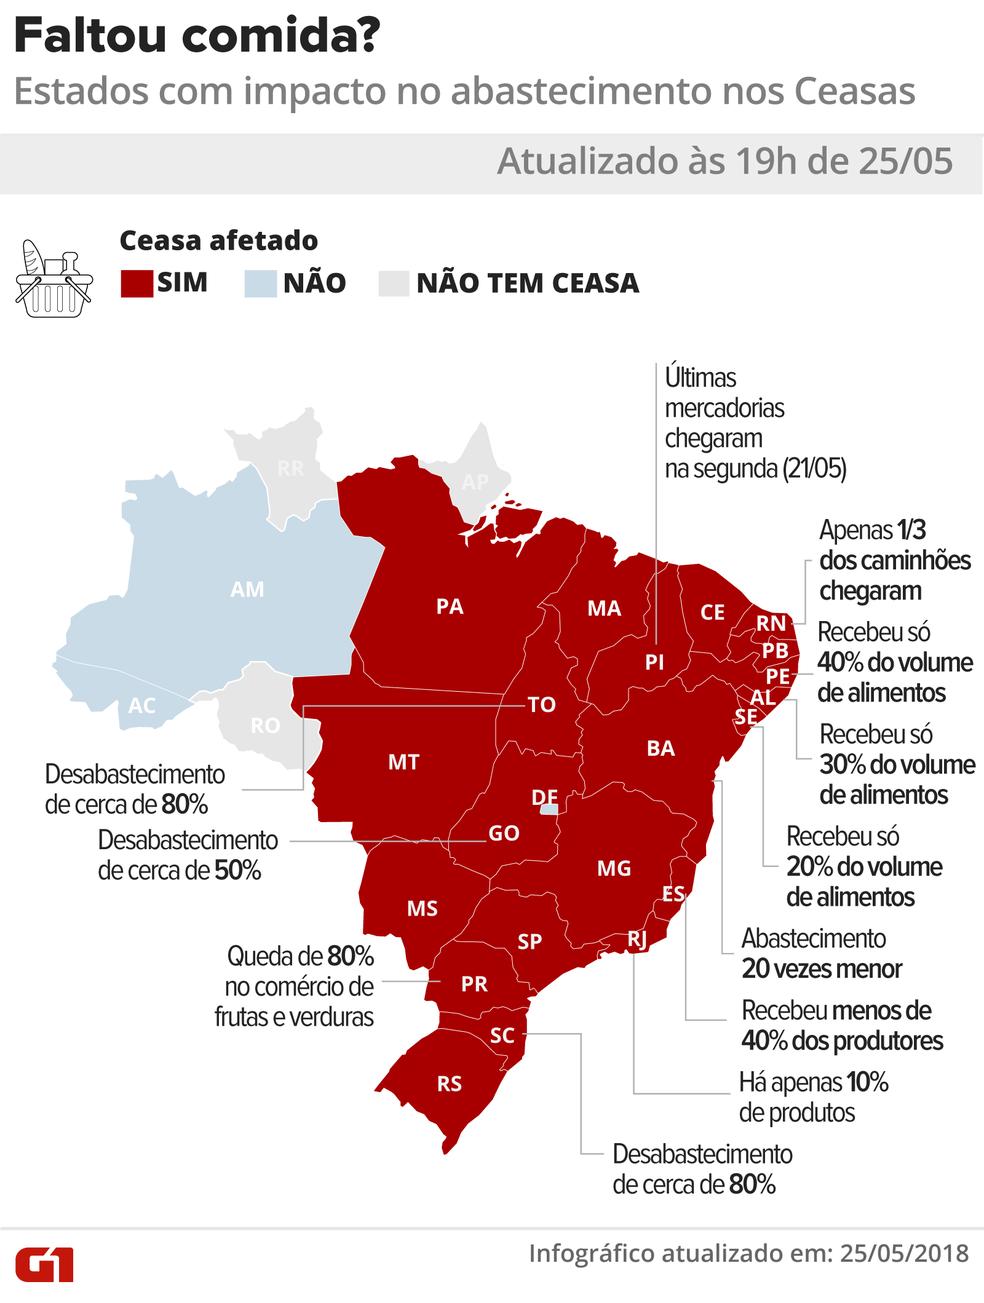 19h: Mapa dos estados onde houve impacto no abastecimentos dos Ceasa (Foto: Alexandre Mauro e Igor Estrella/G1)